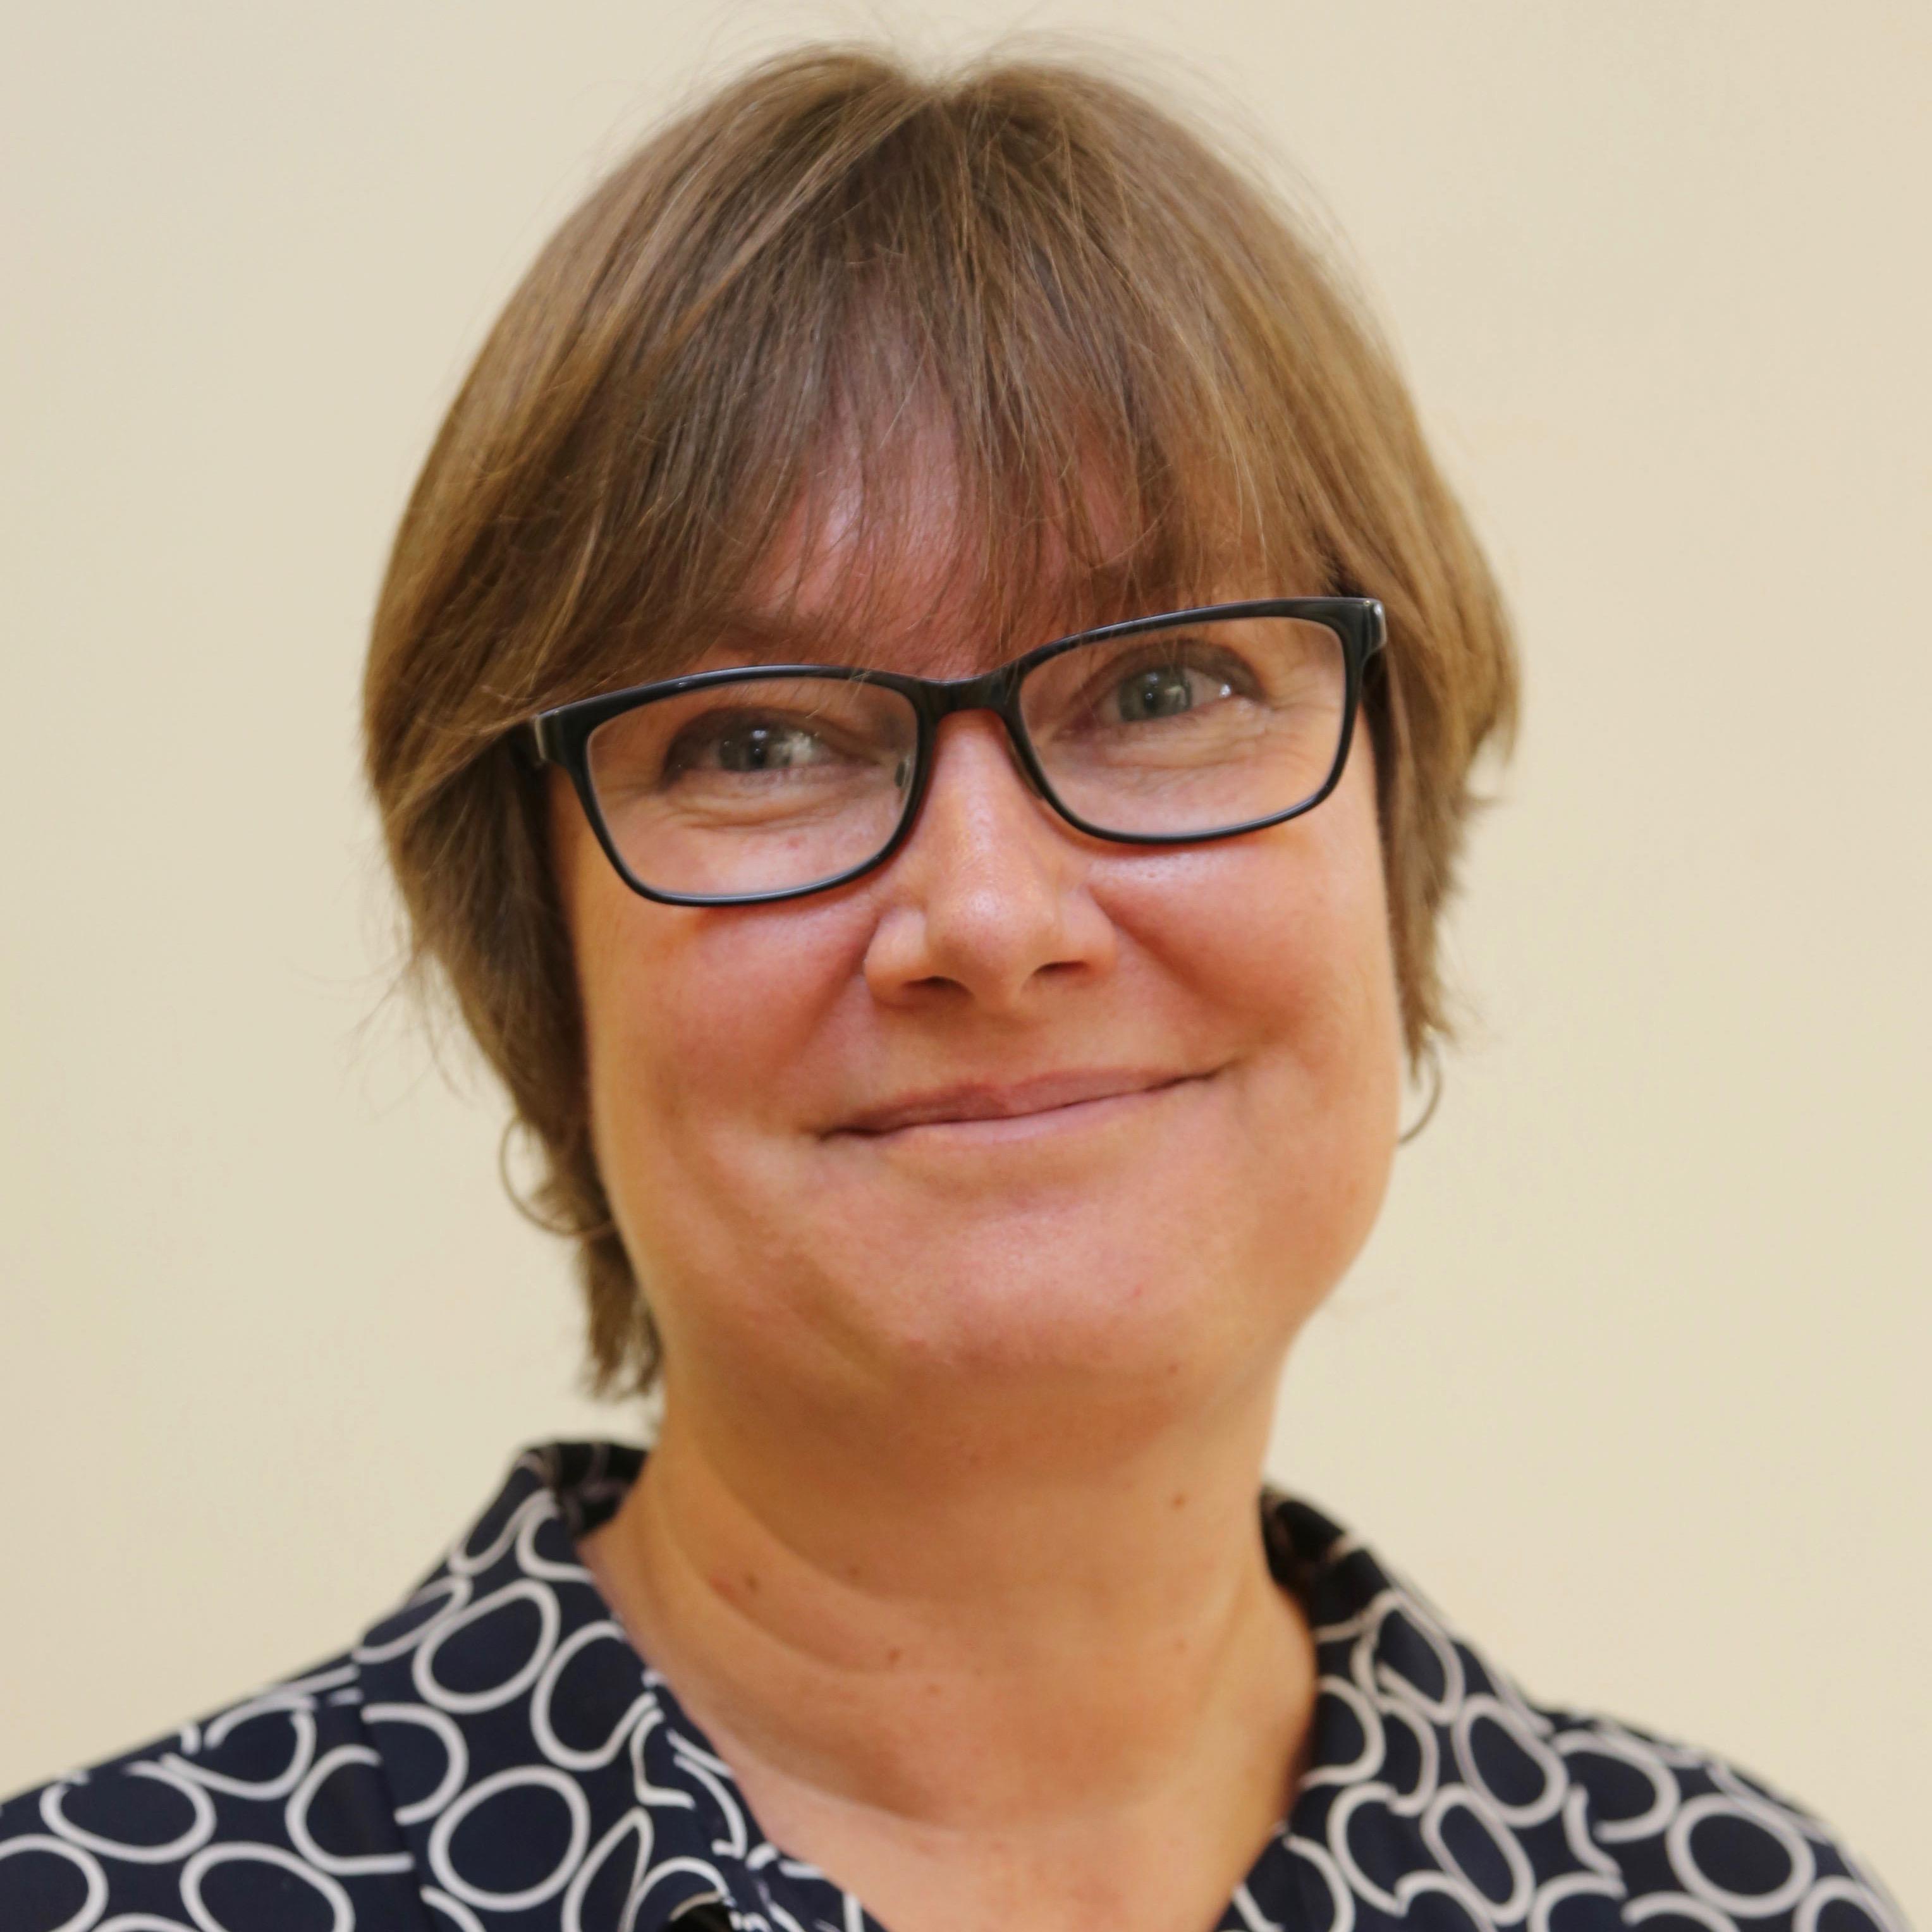 Cecilia Andersson